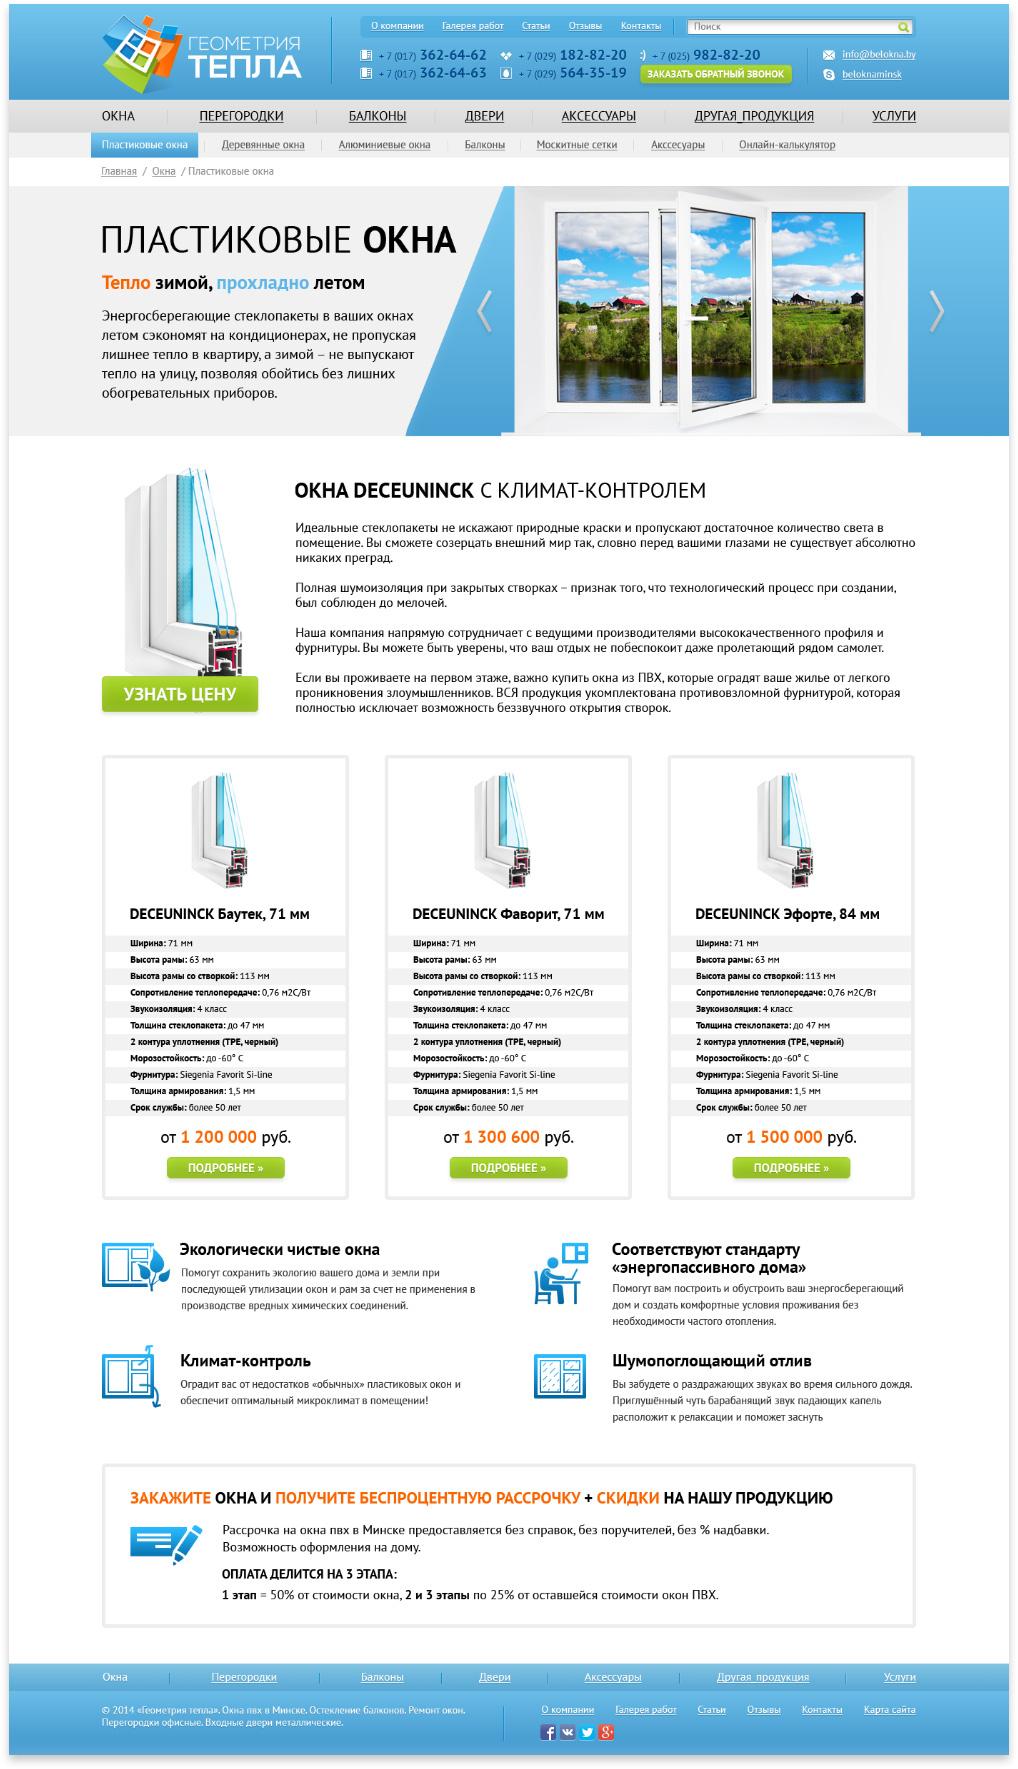 Корпоративный сайт: Пластиковые окна